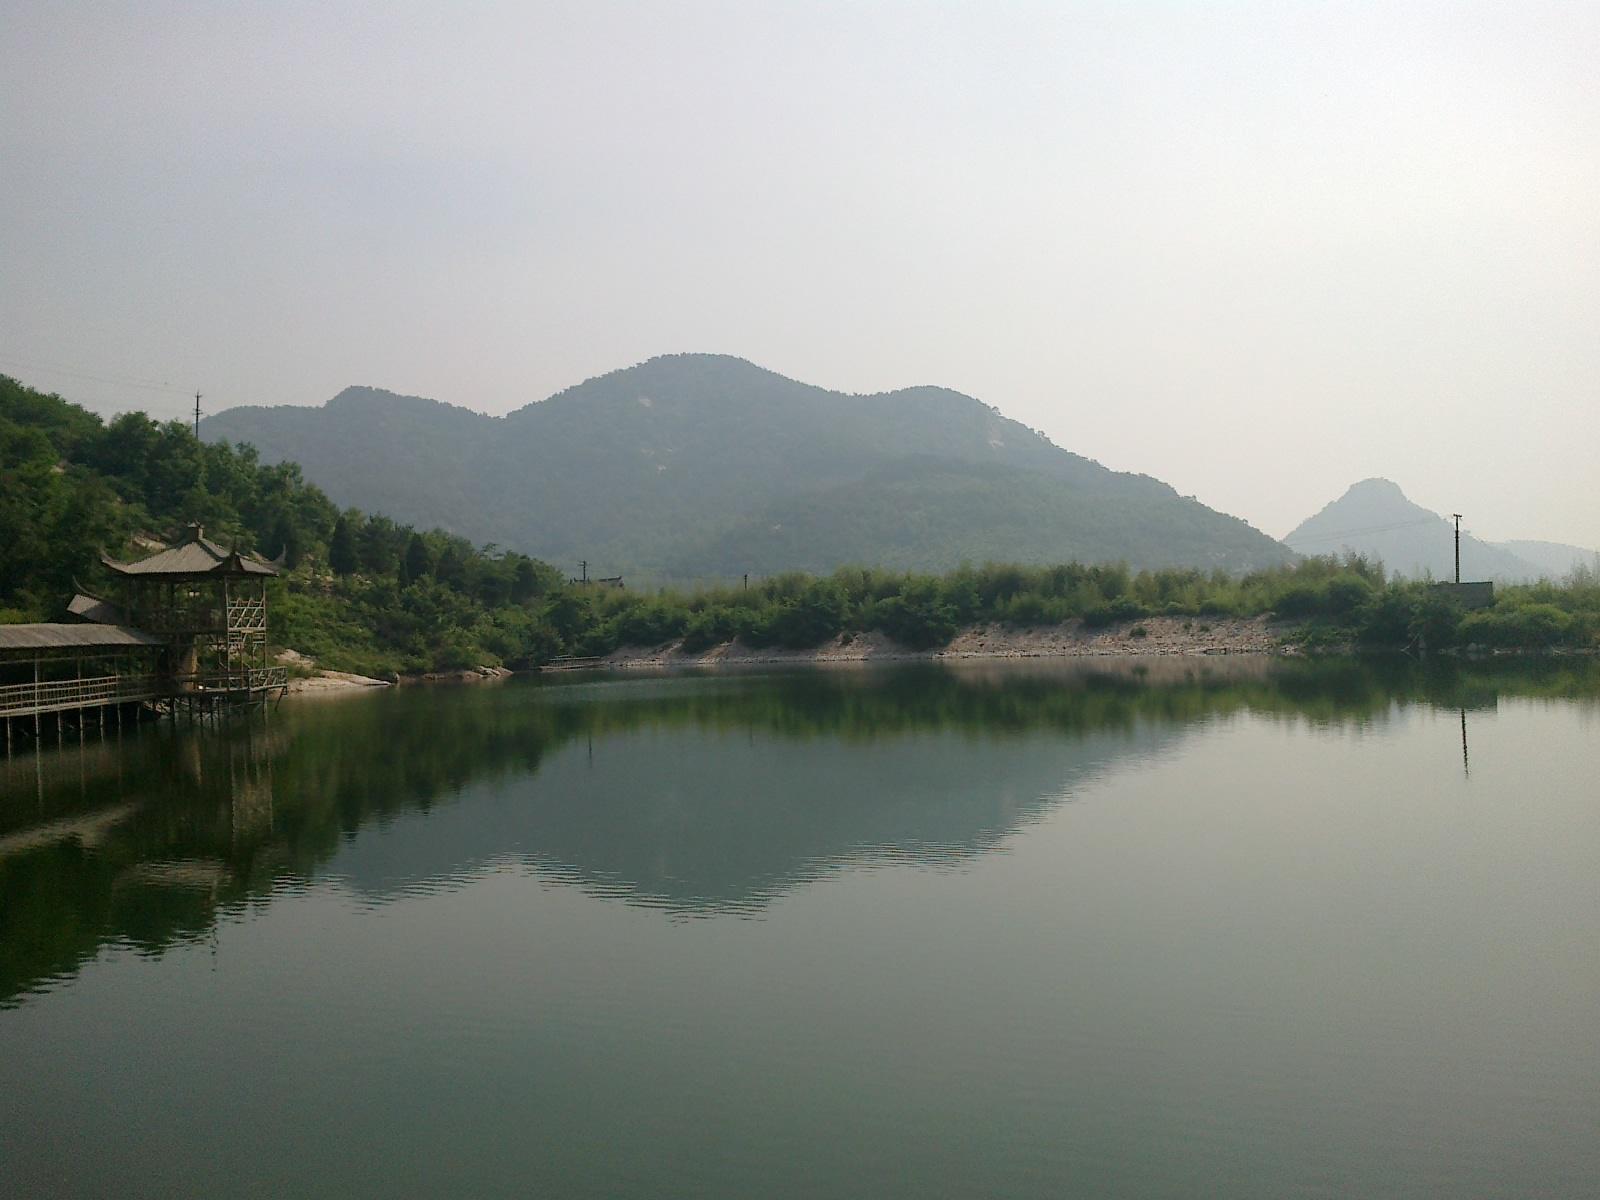 山水竹林风景壁纸,全球最美的山水风景,竹林山水荷花风景 第4页 大山谷图库图片